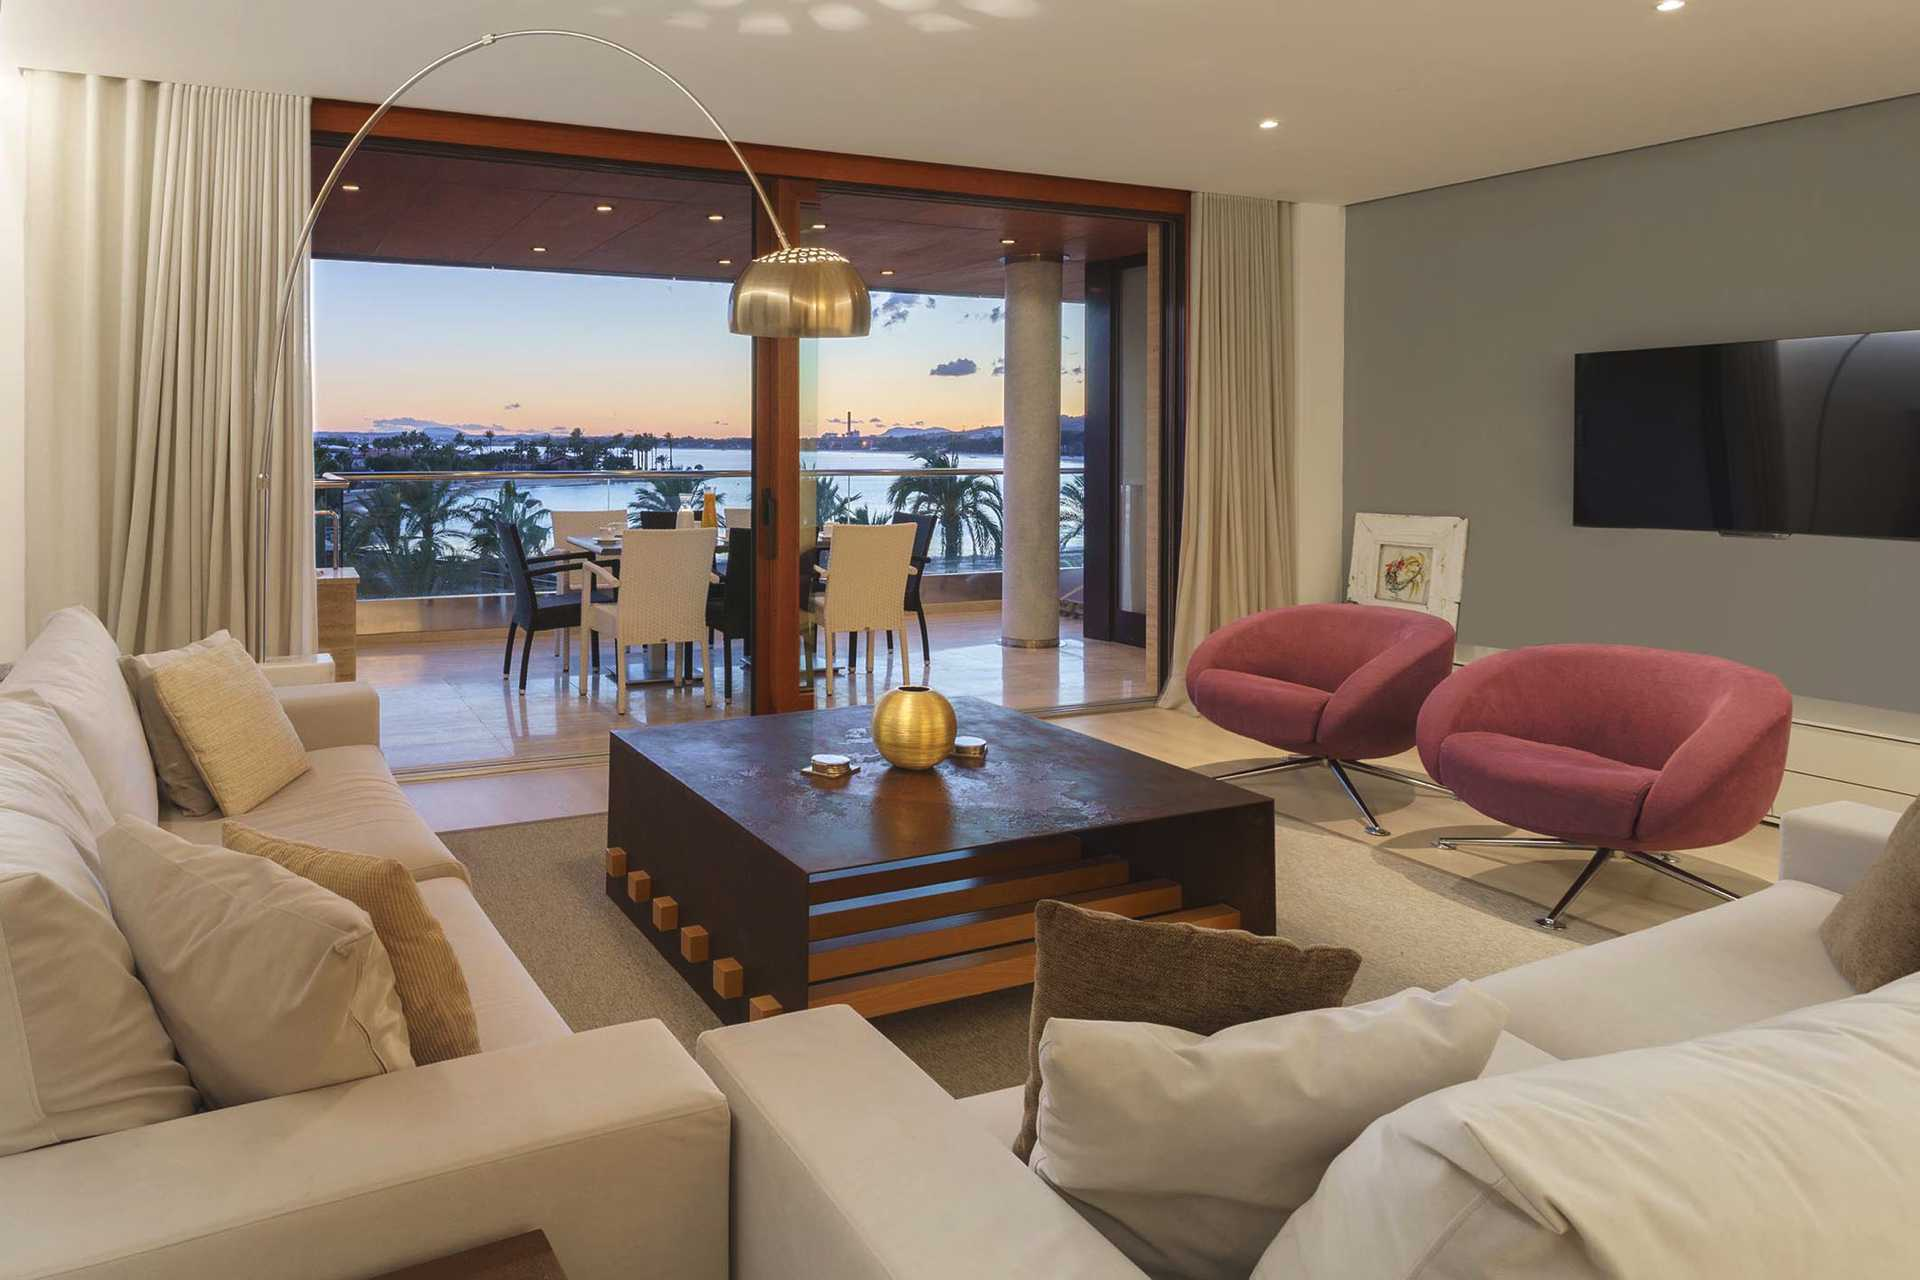 01-291 exclusive apartment Mallorca north Bild 33